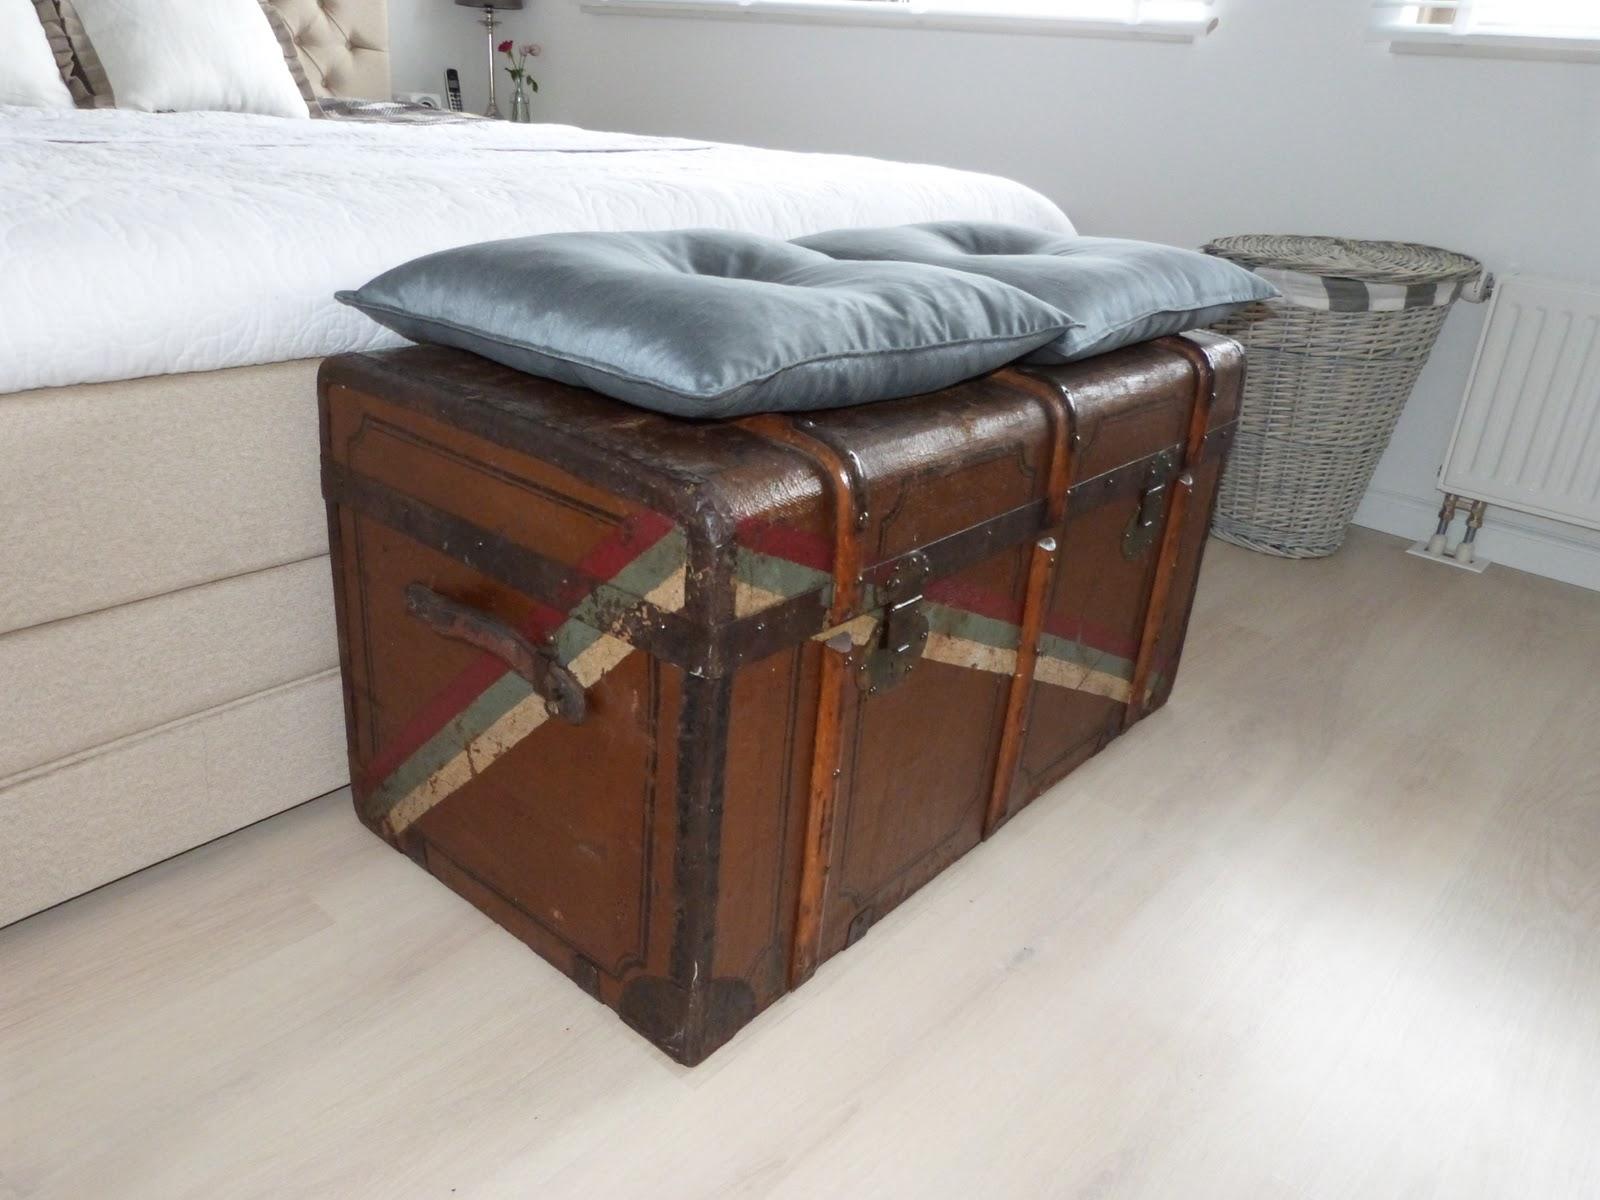 Slaapkamer Bankje Marktplaats : Dressoirs marktplaats dressoir parello wit eiken cm lades deuren